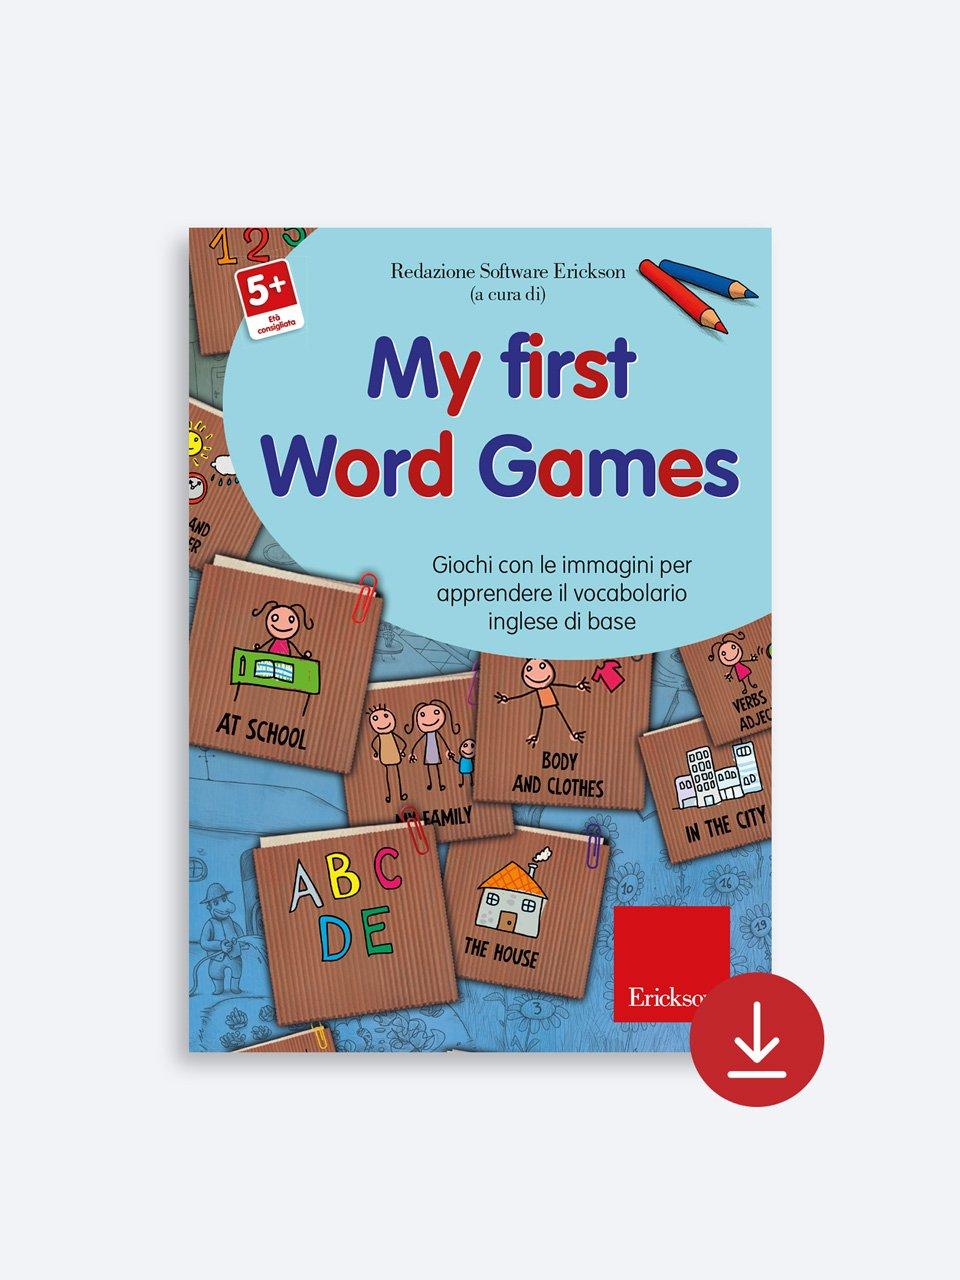 My First Word Games - App e software - Erickson 3